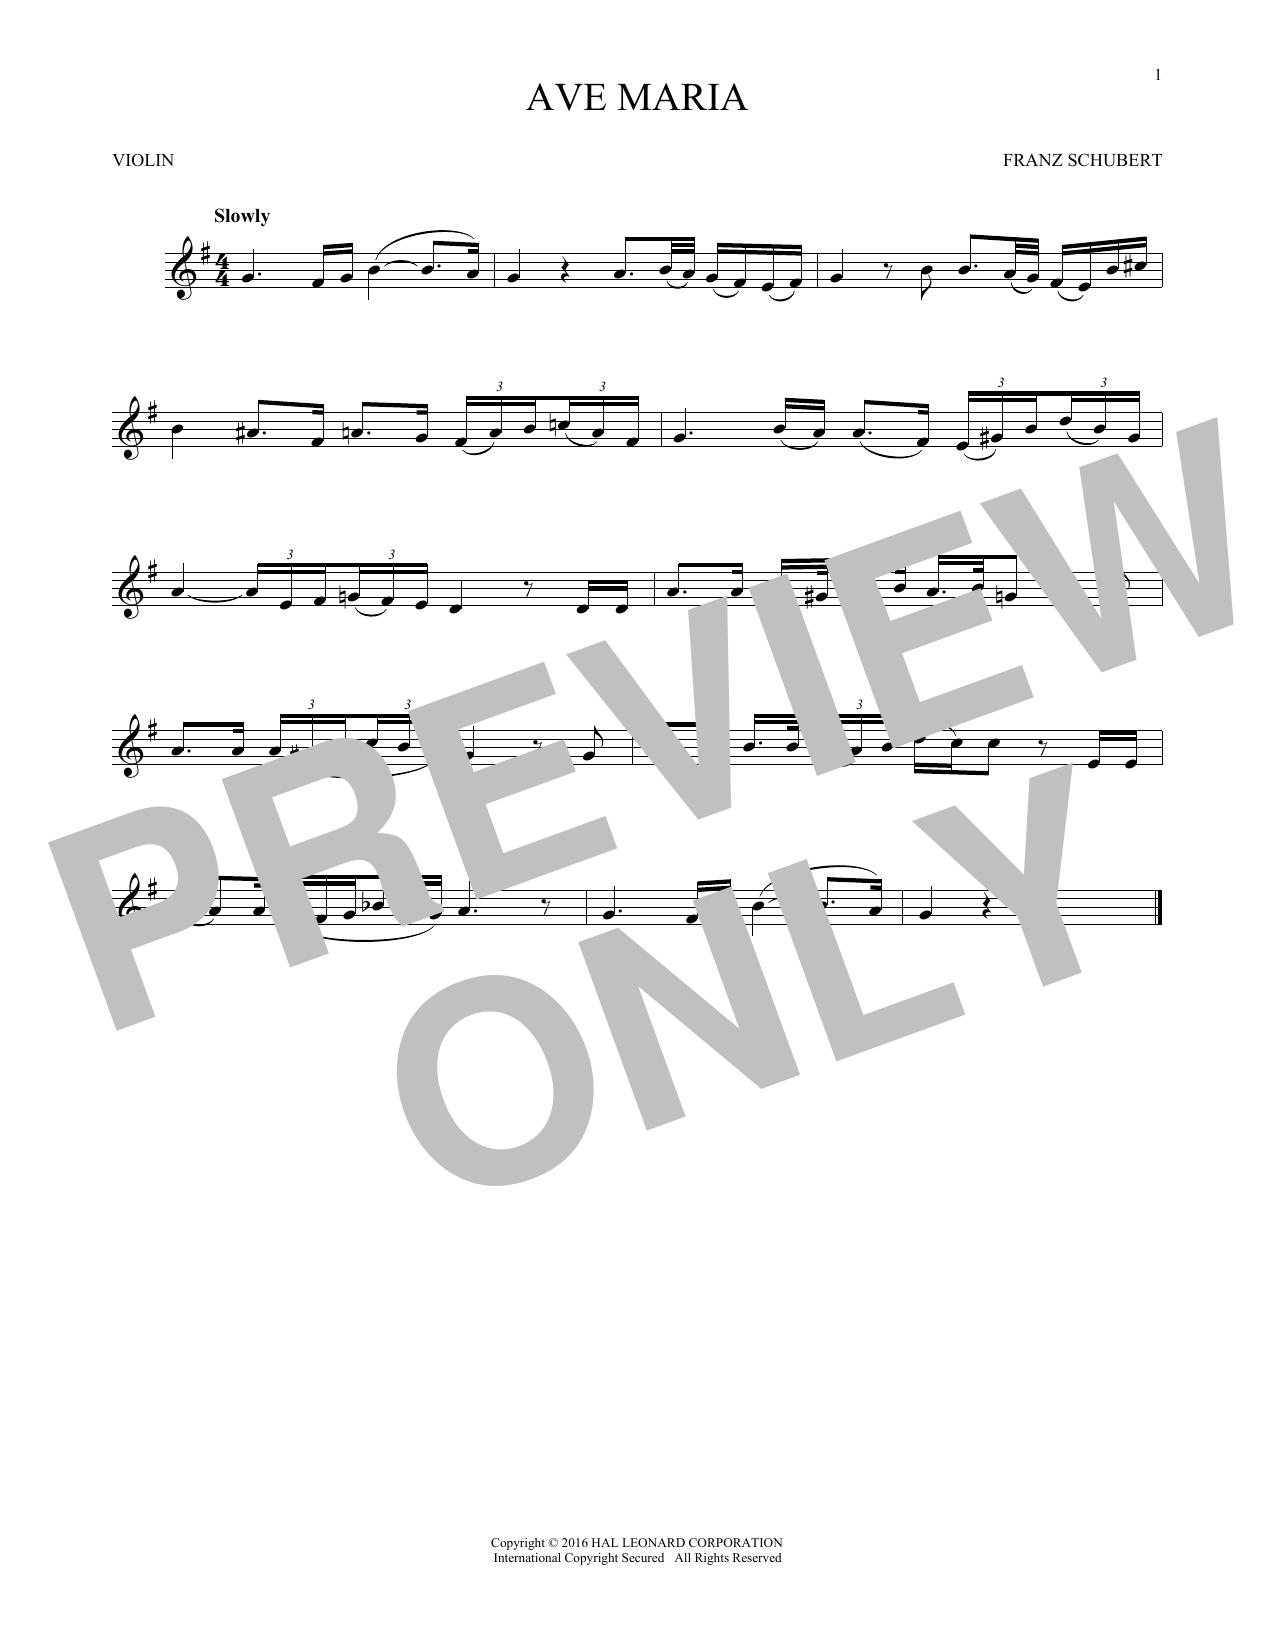 Ave Maria, Op. 52, No. 6 (Violin Solo)